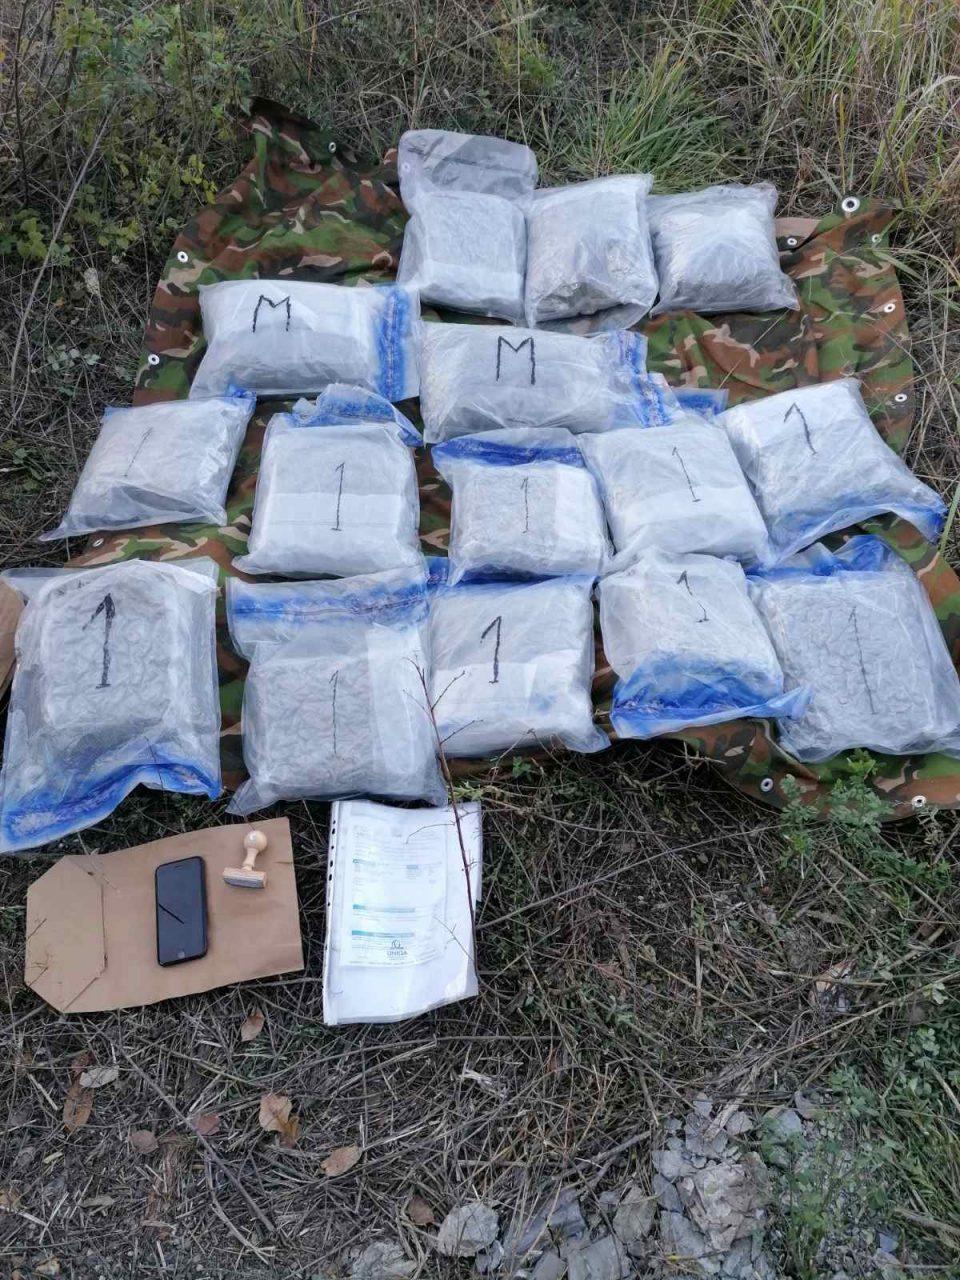 Debar police seized 20 kilograms of marijuana